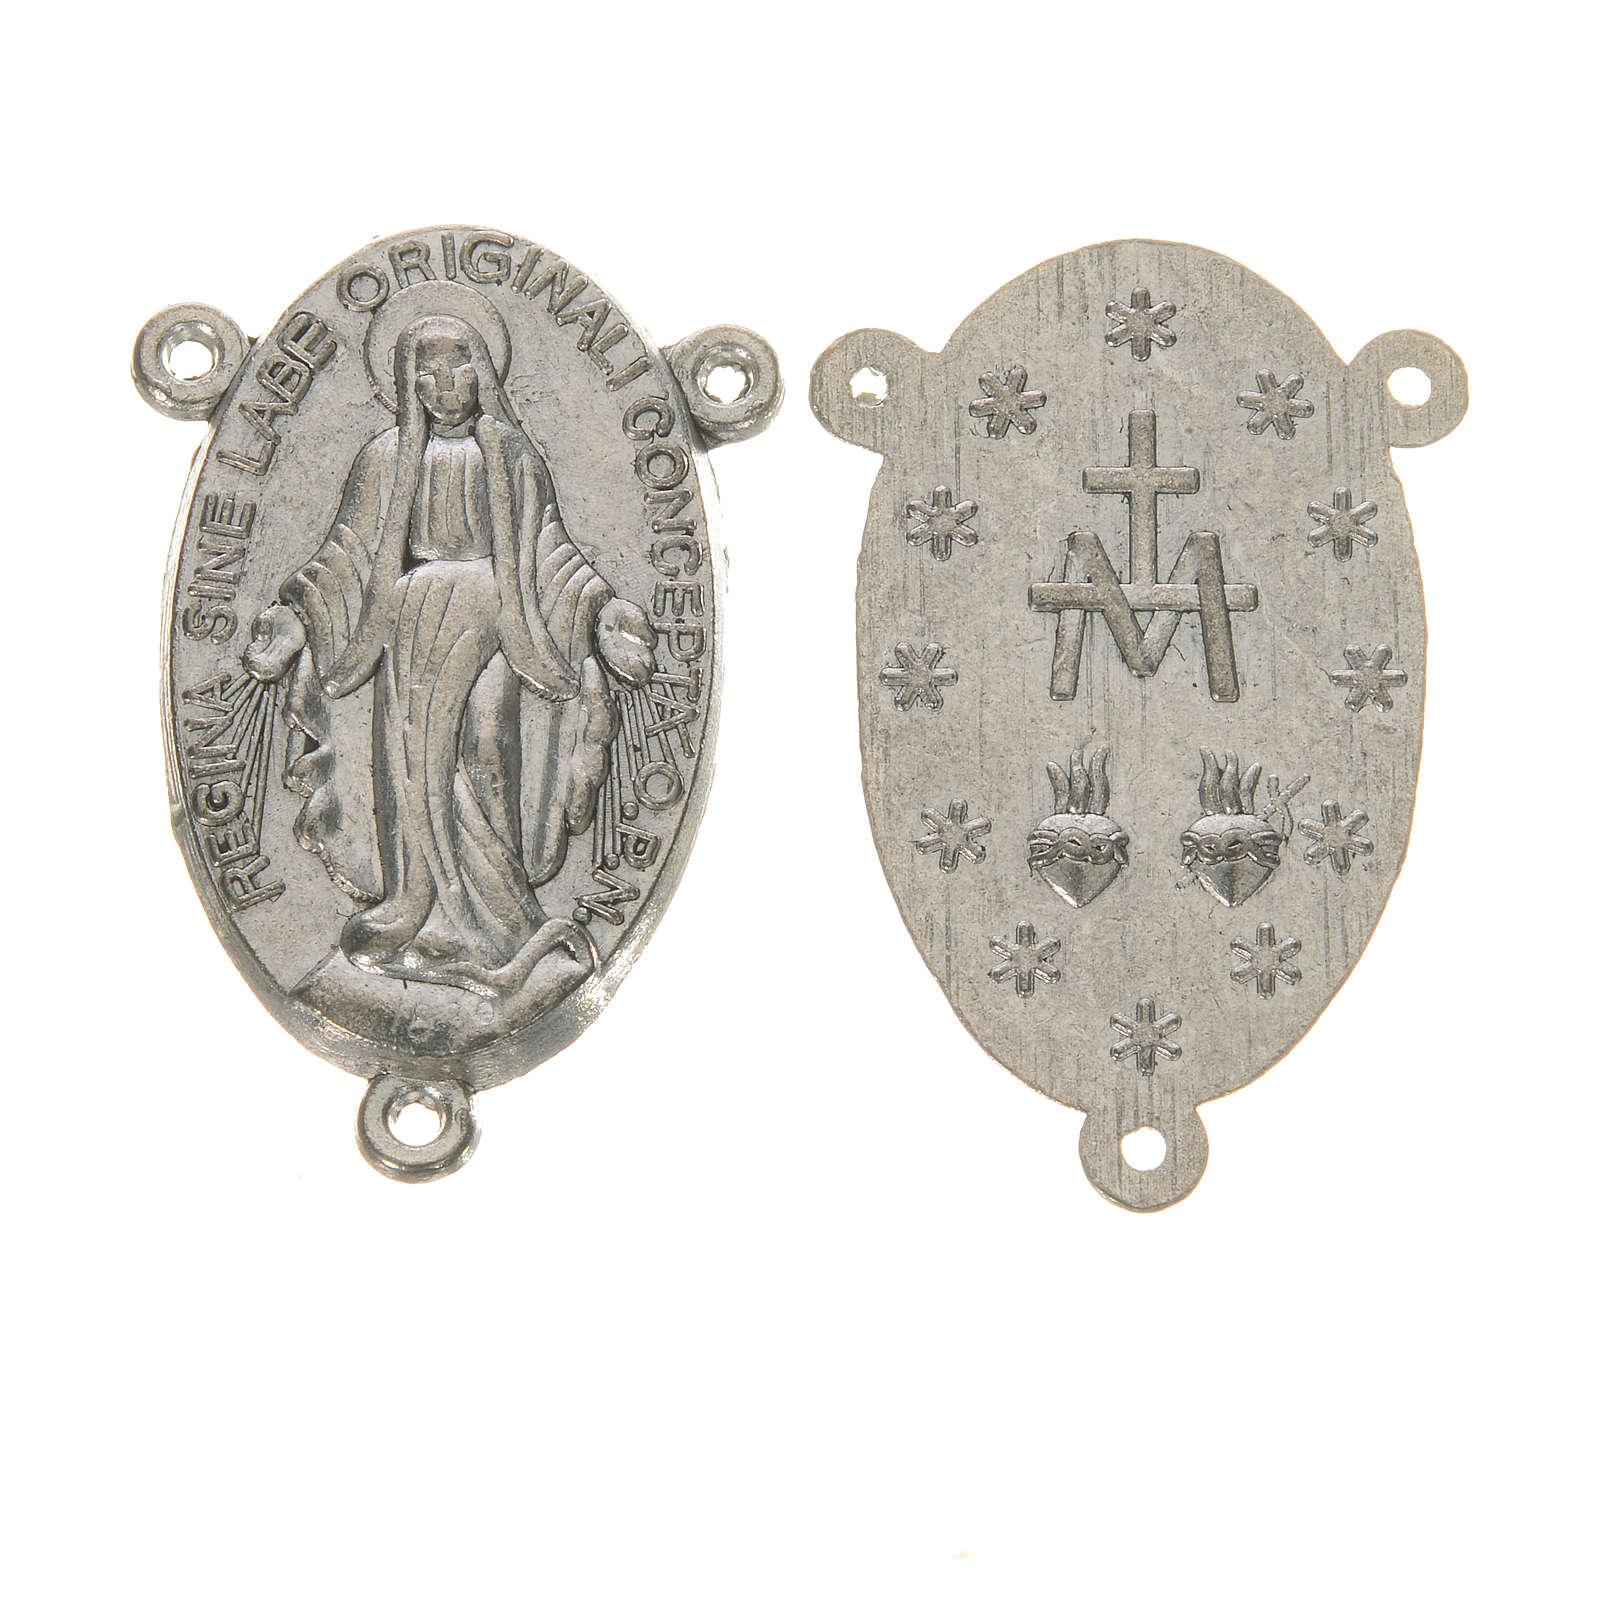 Pieza Central Virgen Milagrosa 4